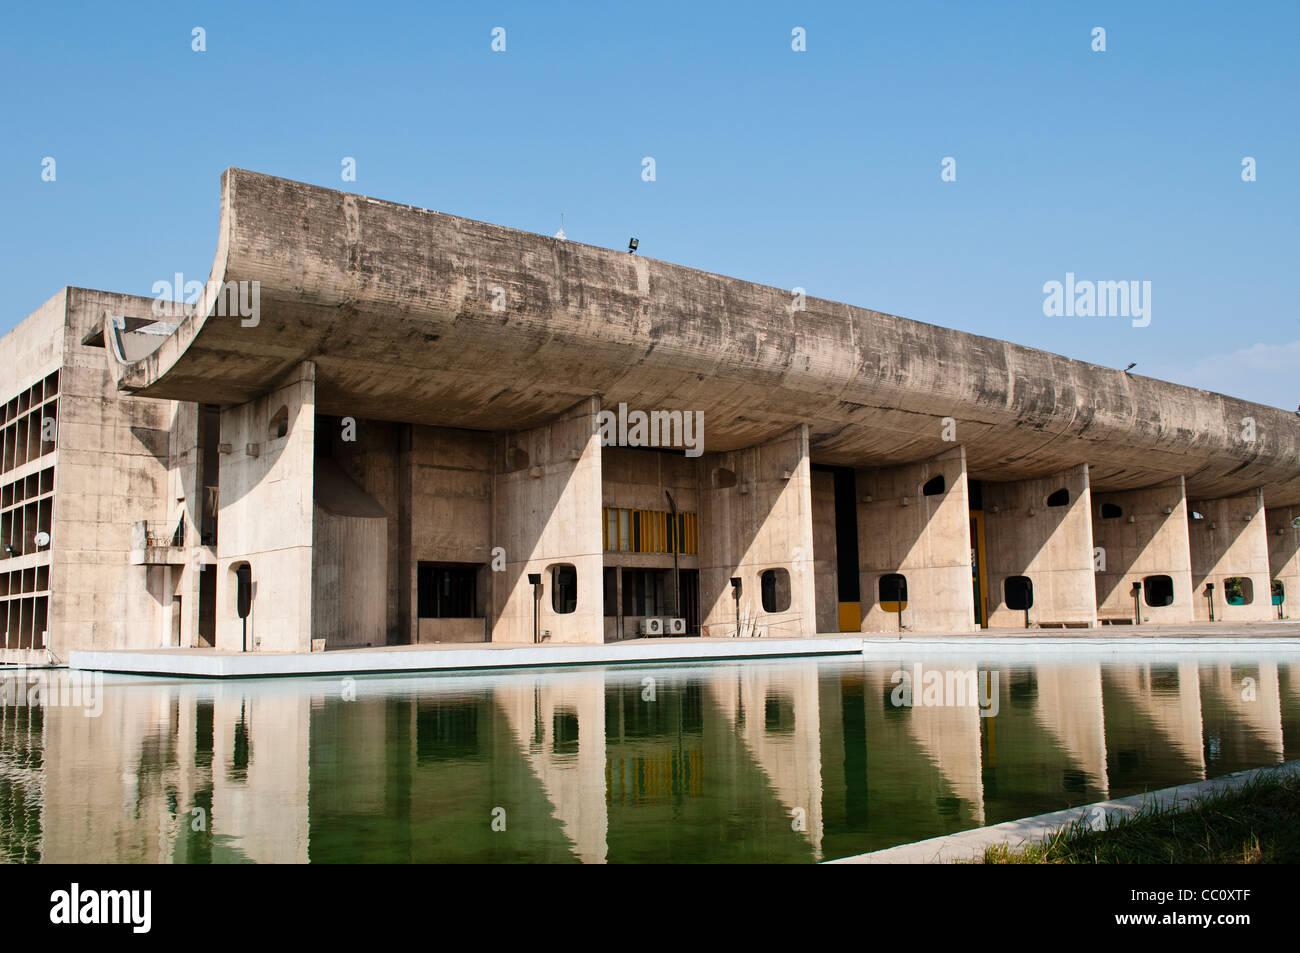 Chandigarh Water City